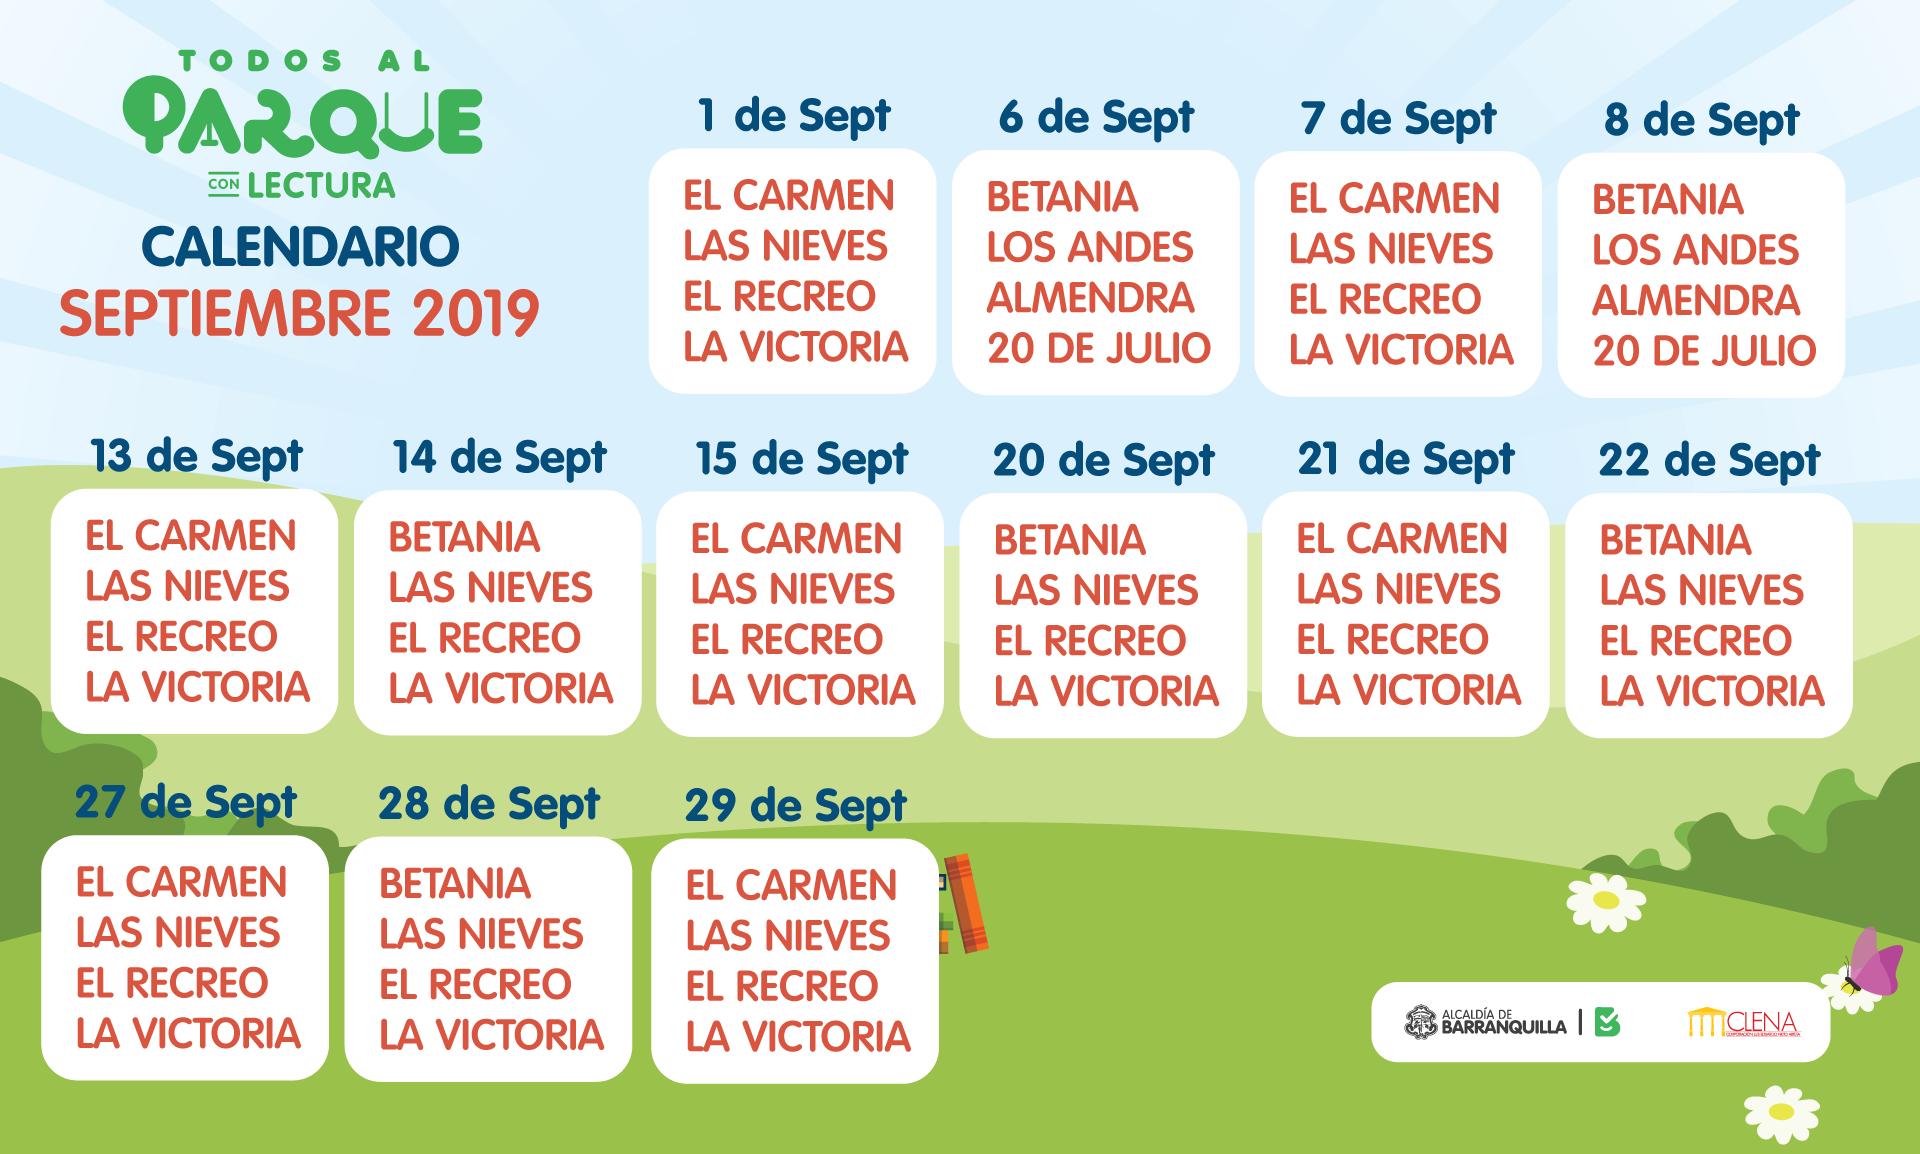 Calendario de Septiembre - Todos Al Parque Con Lectura